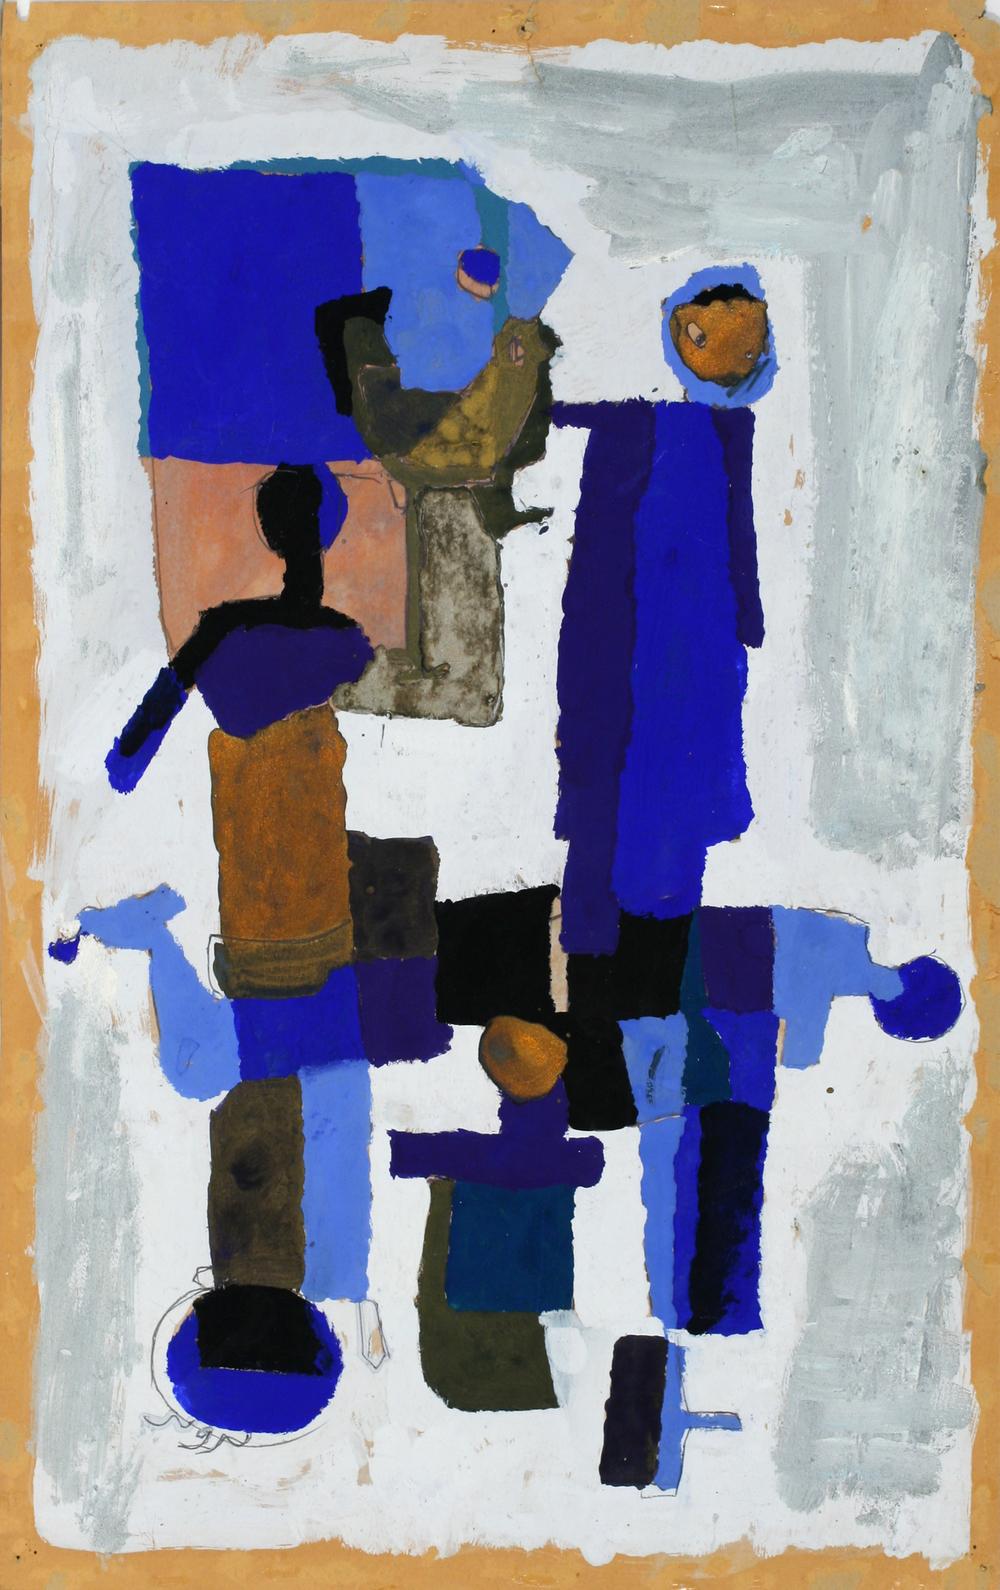 Figures (1961)